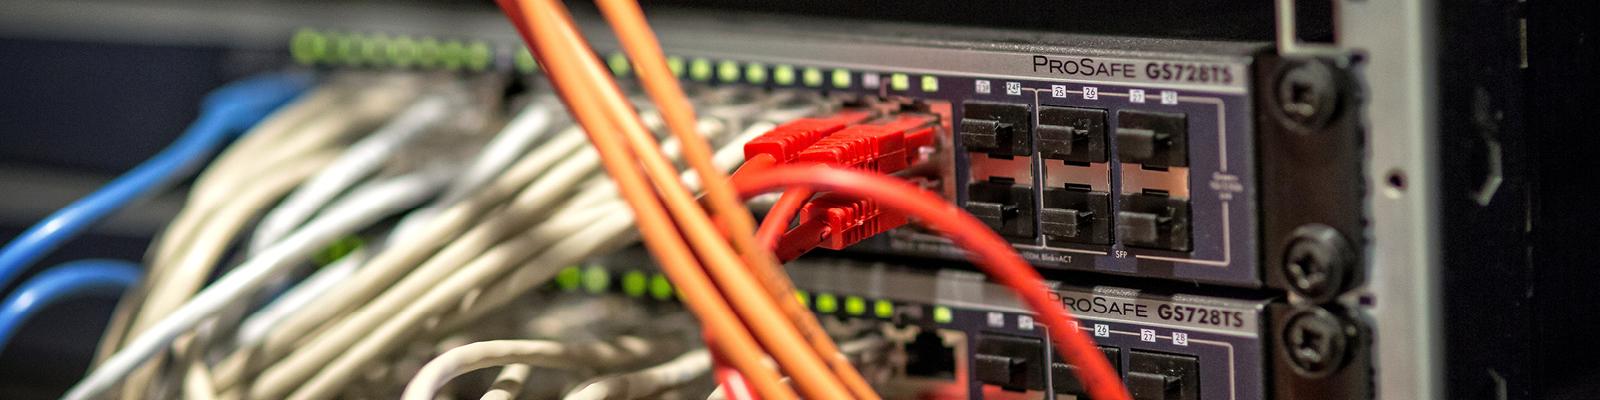 Elektroinstallaties in ICT netwerken